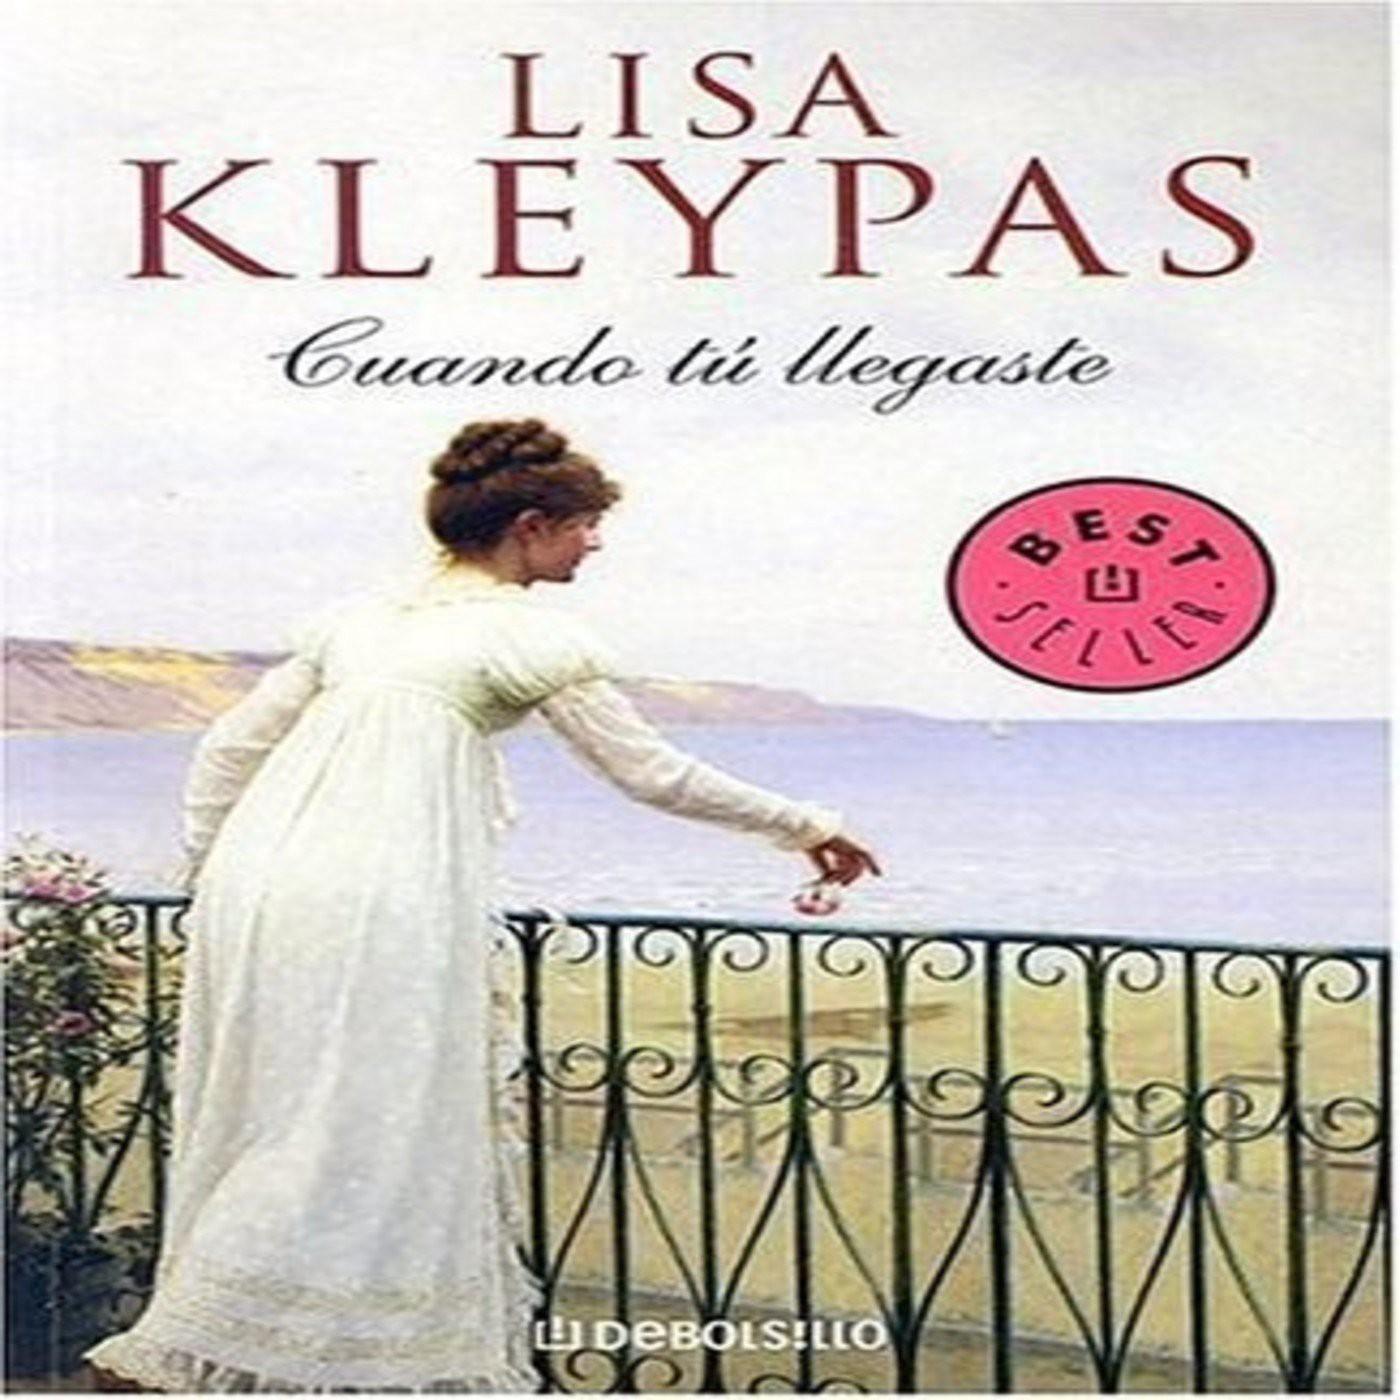 GRATIS CUANDO TU LLEGASTE DE LISA KLEYPAS DESCARGAR